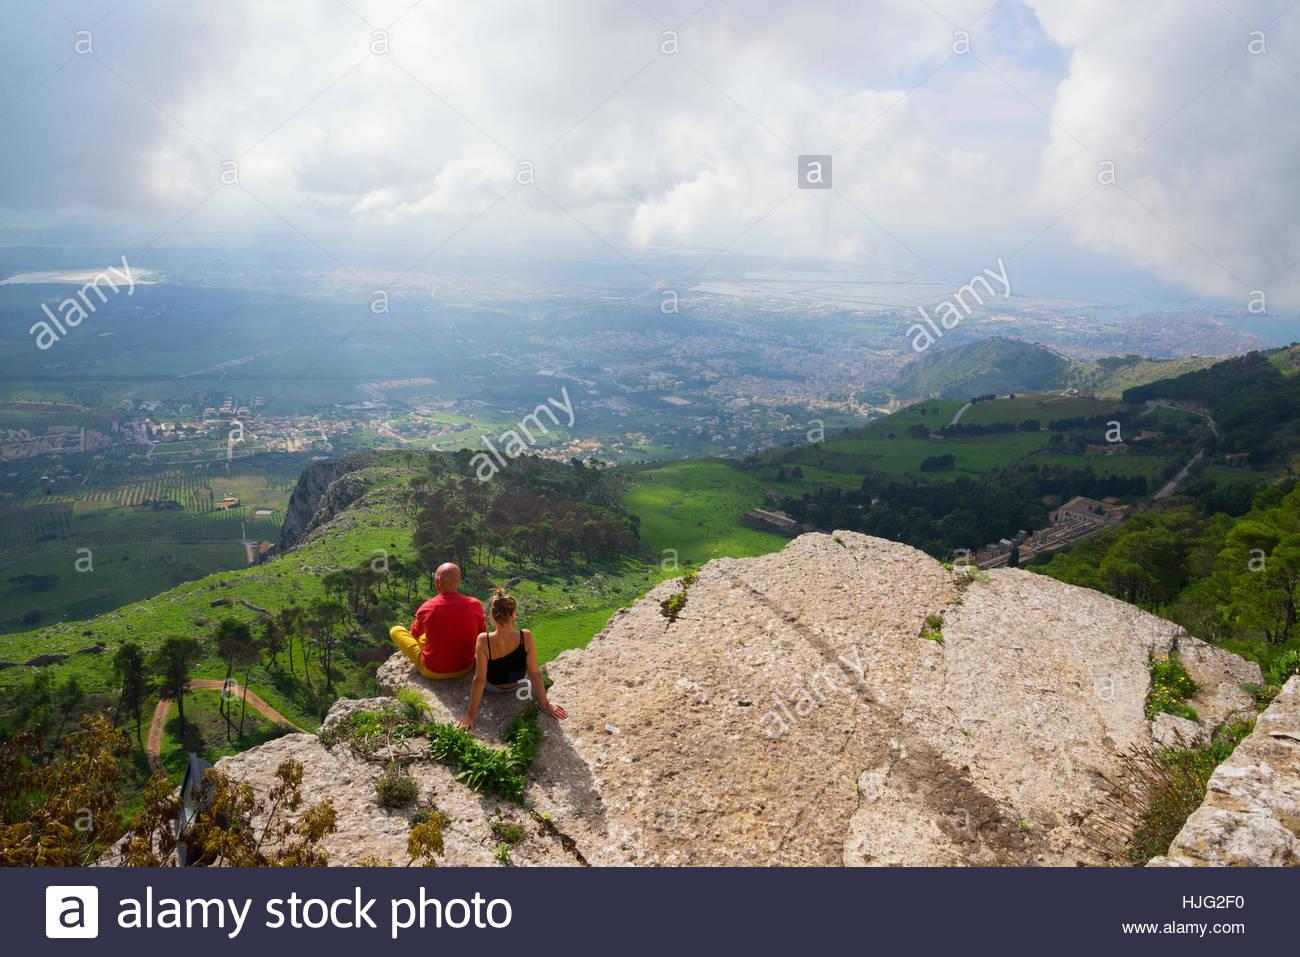 Les personnes bénéficiant d'une vue sur la montagne d'Erice, Trapani, Sicile, Italie Photo Stock